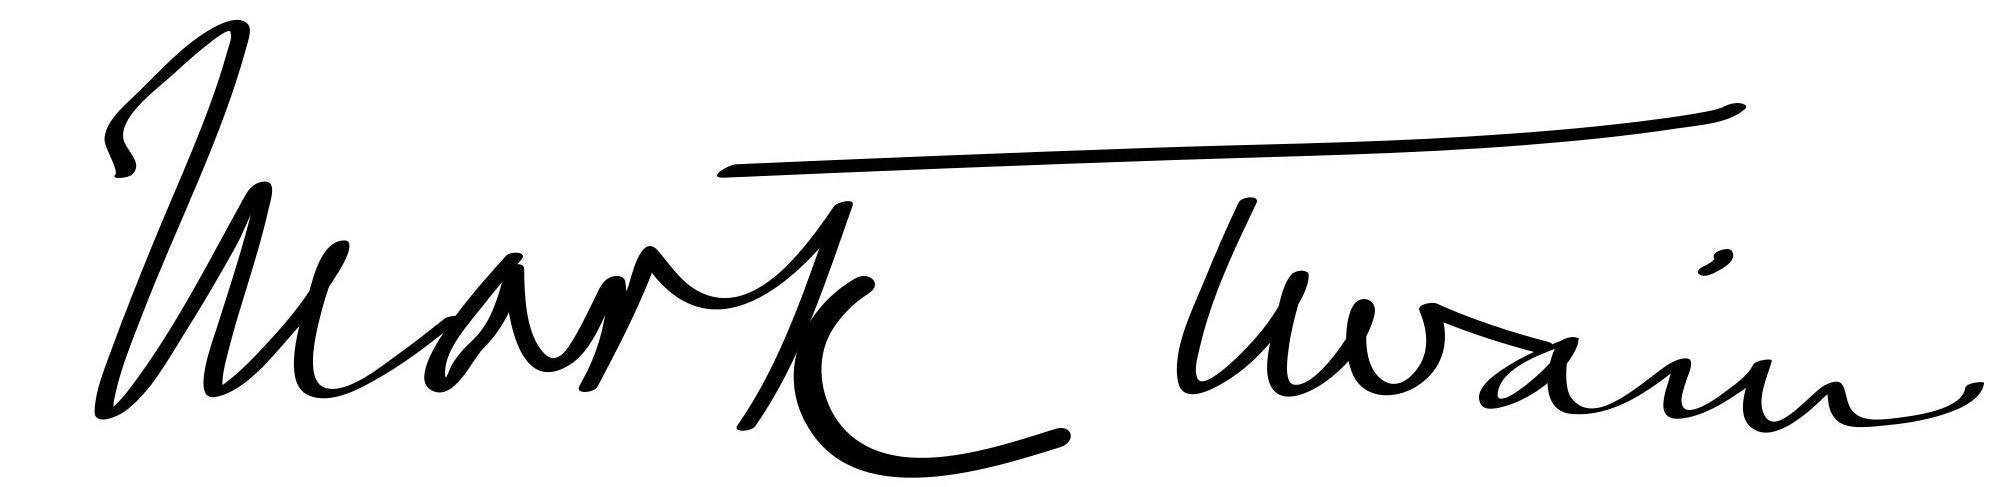 Die Unterschrift von Mark Twain; Foto: Wikipedia, gemeinfrei